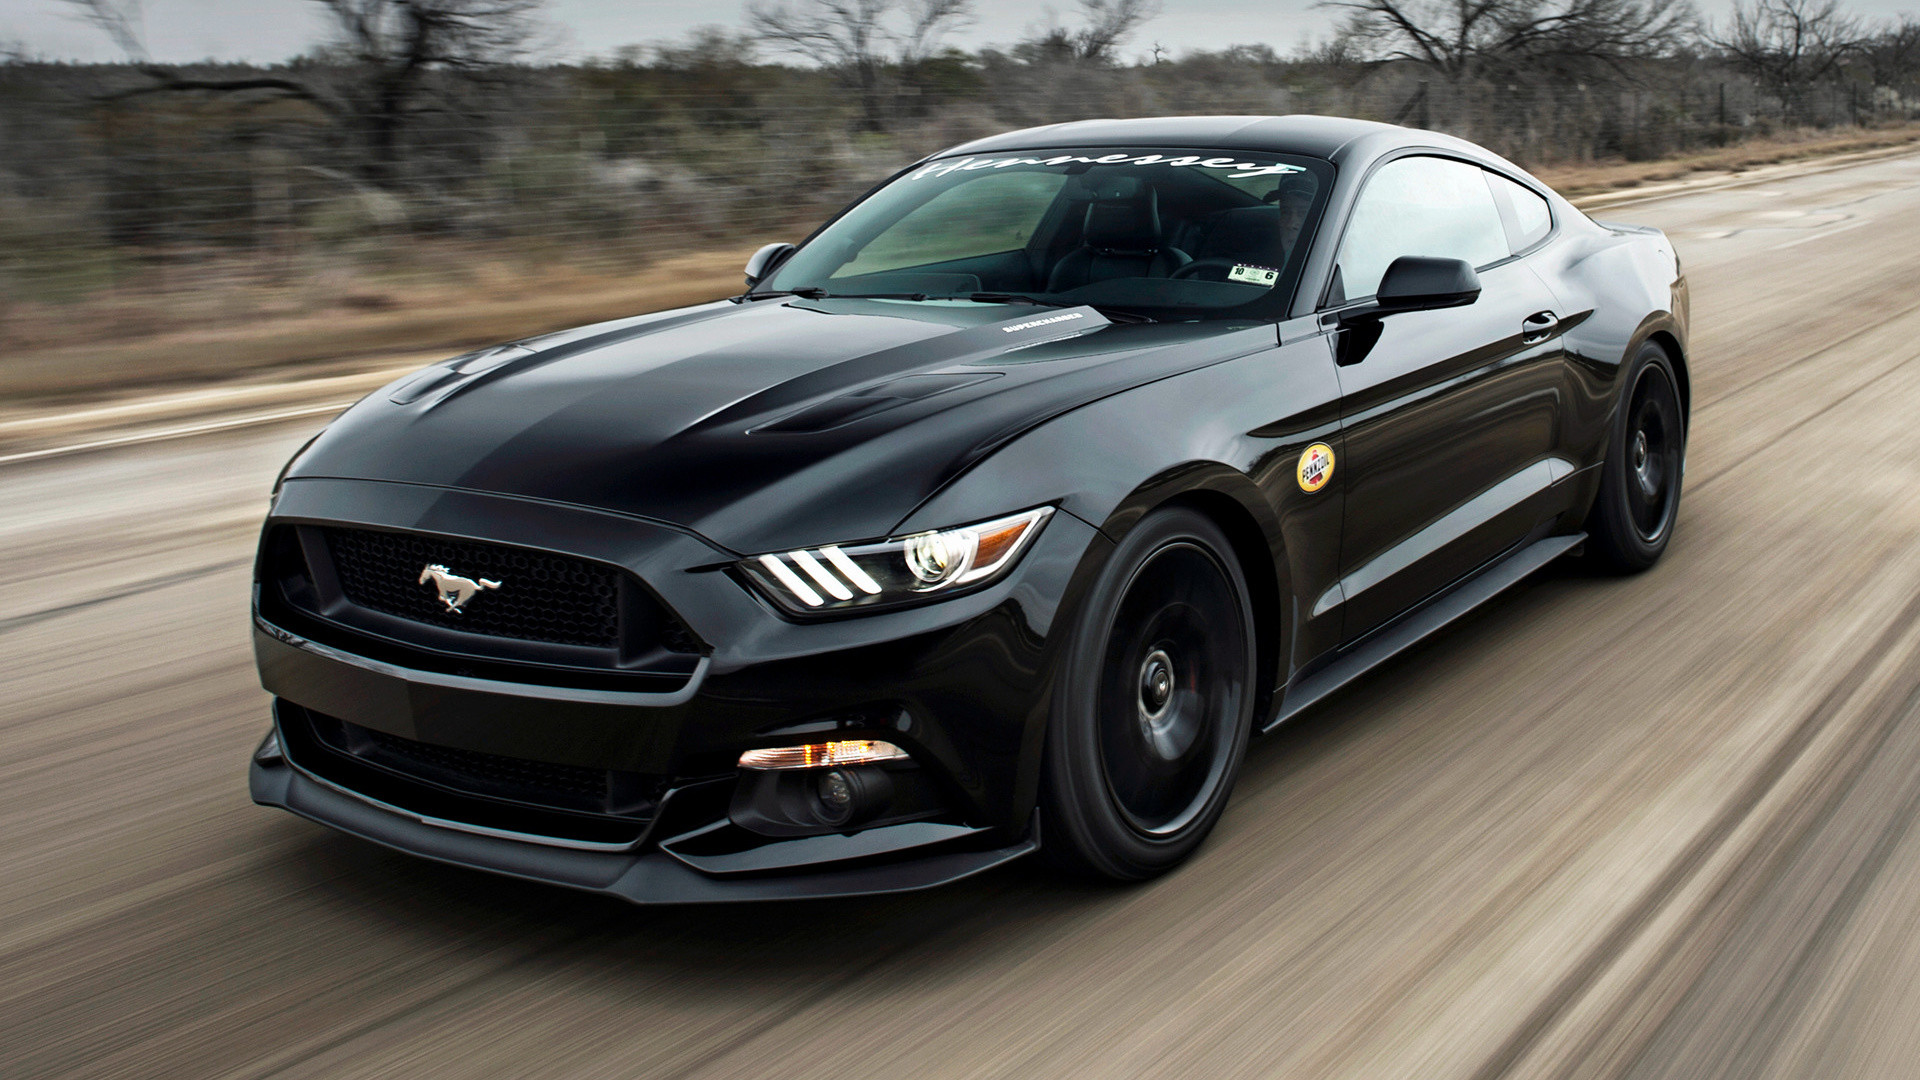 Mustang Gt Wallpaper (81+ pictures)